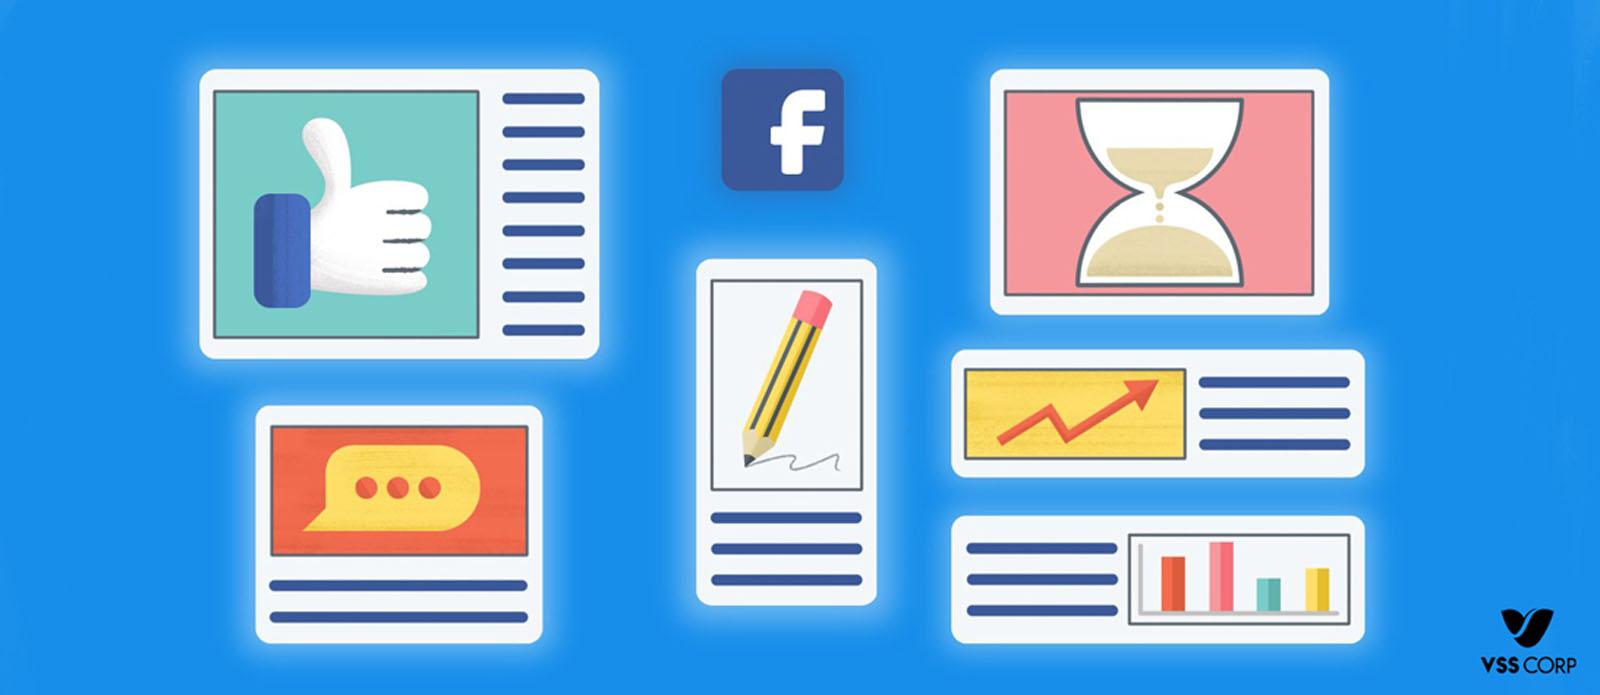 Một vài lưu ý nho nhỏ cho cách chạy quảng cáo facebook hiệu quả theo giờ